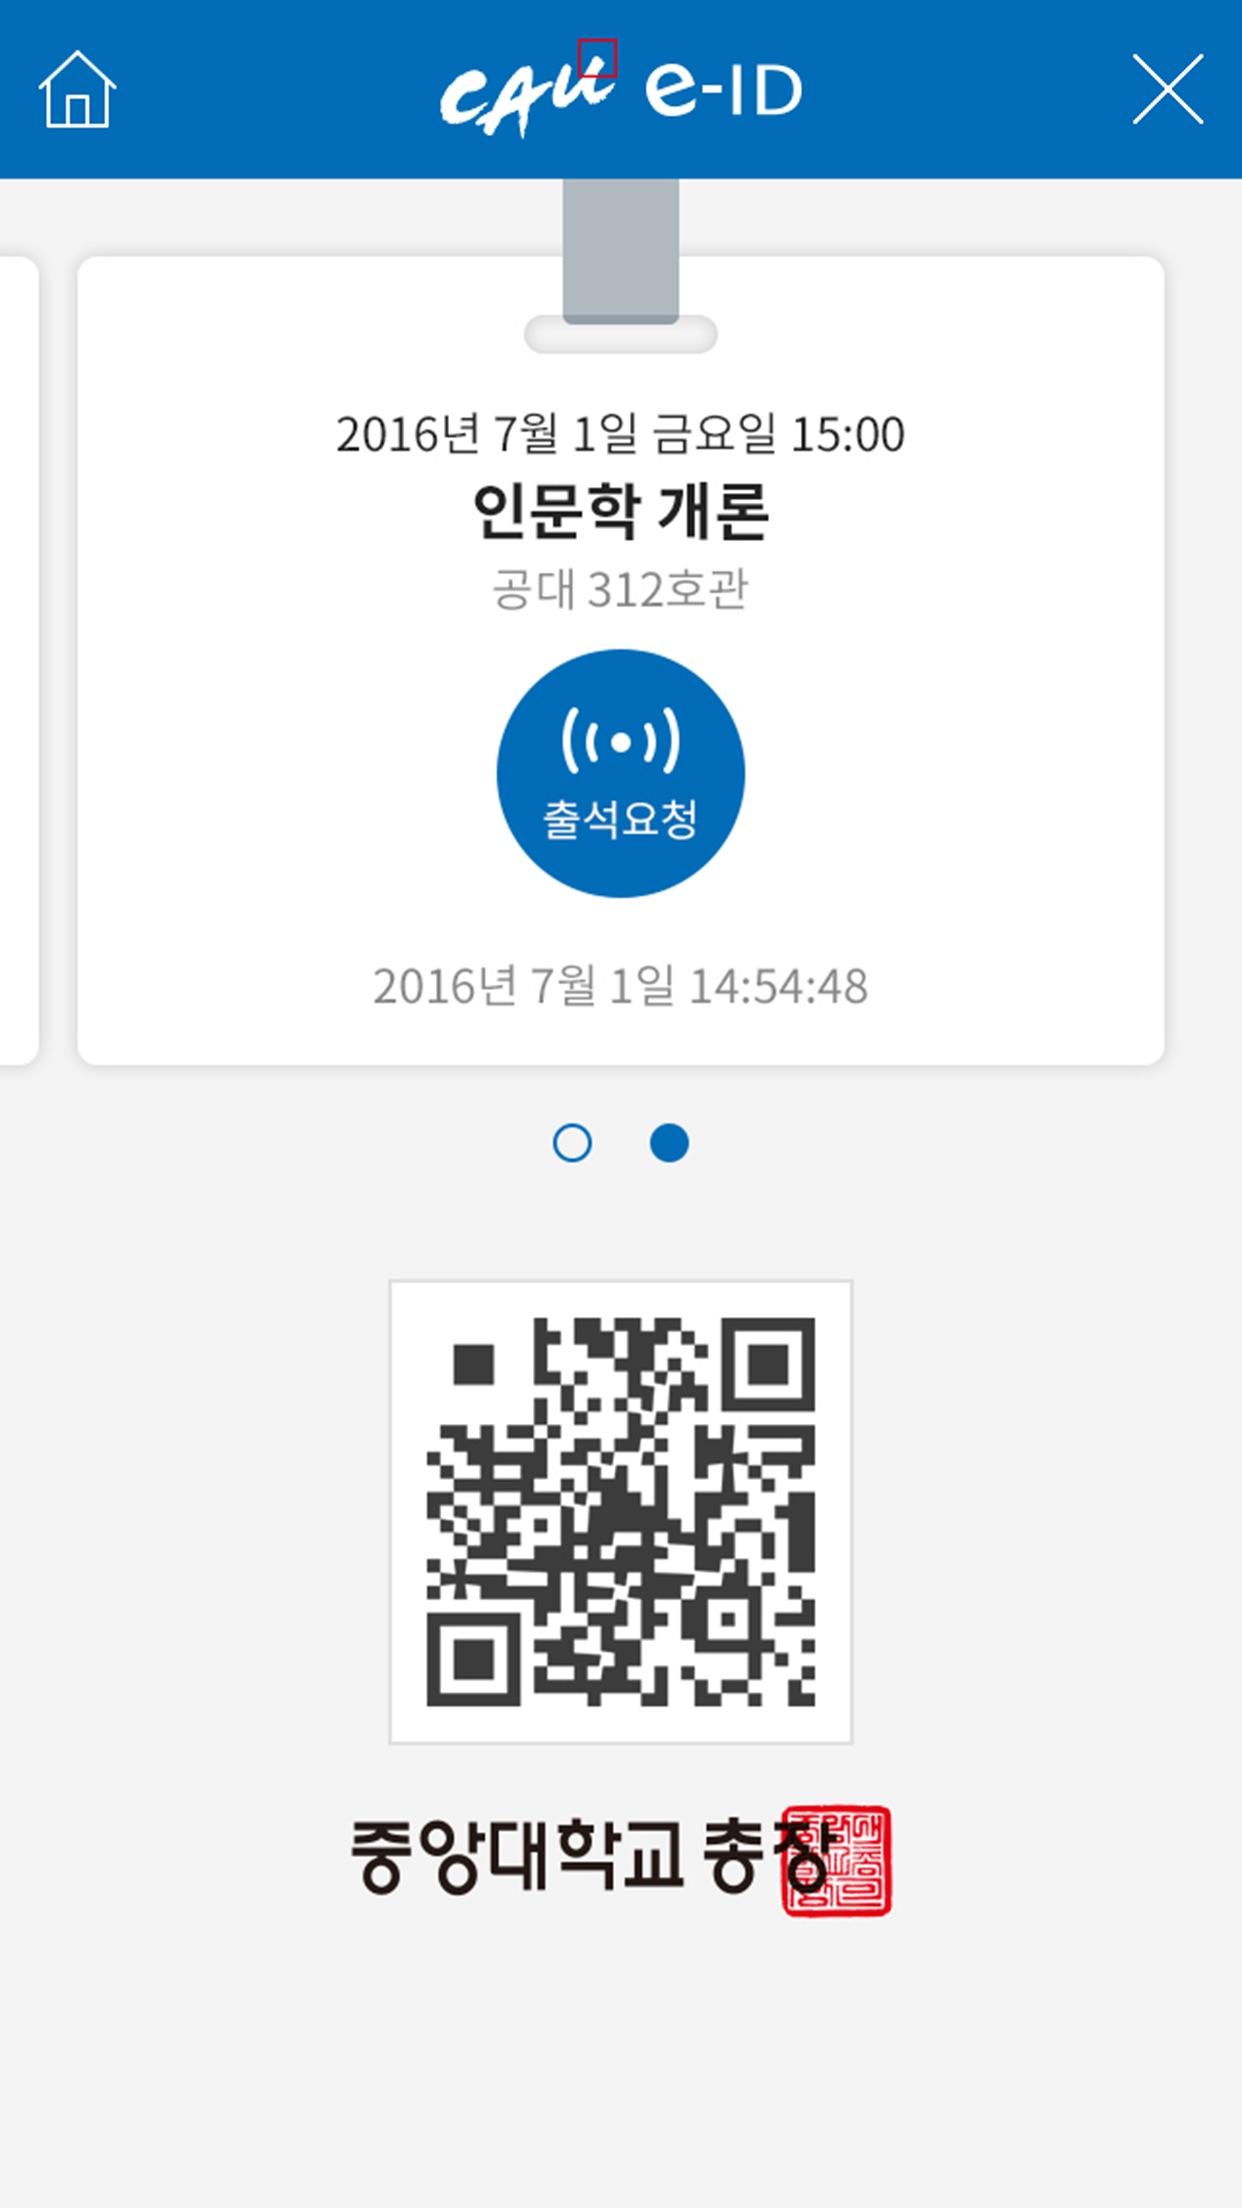 중앙대학교 e-ID Screenshot